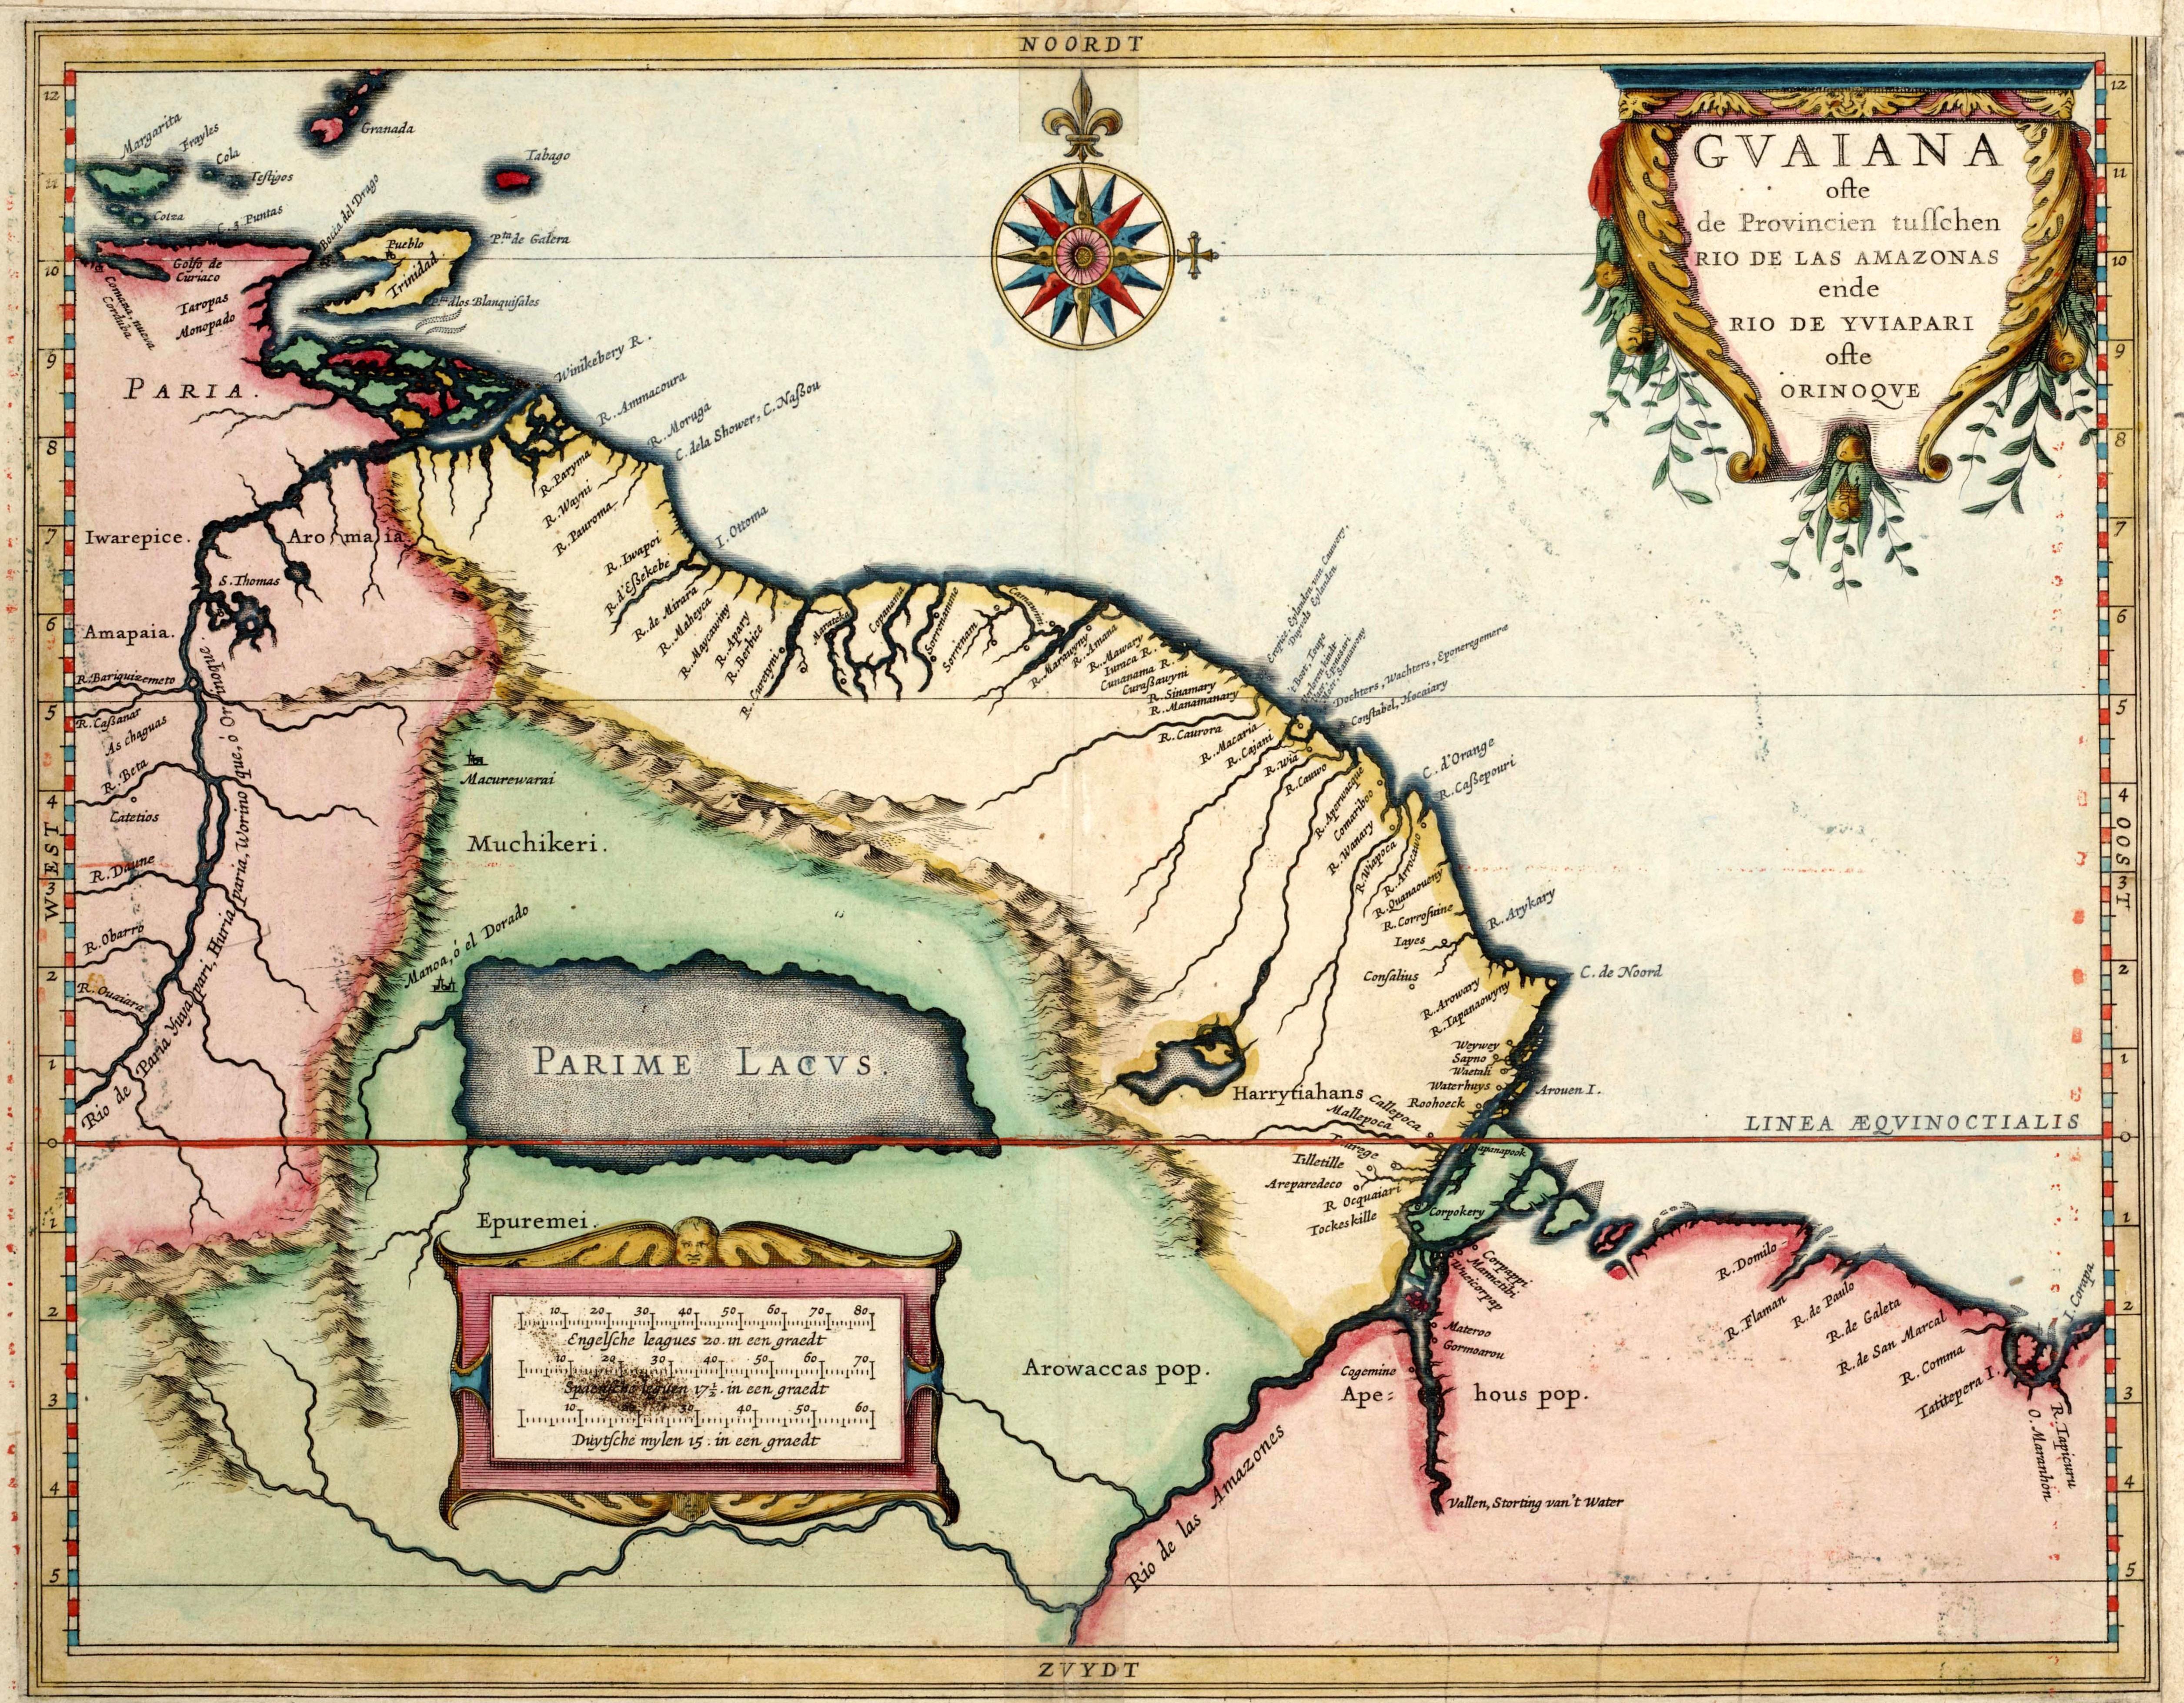 http://upload.wikimedia.org/wikipedia/commons/5/5d/Guaiana_ofte_de_Provincien_tusschen_Rio_de_las_Amazonas_ende_Rio_de_Yuiapari_ofte_Orinoque.jpg